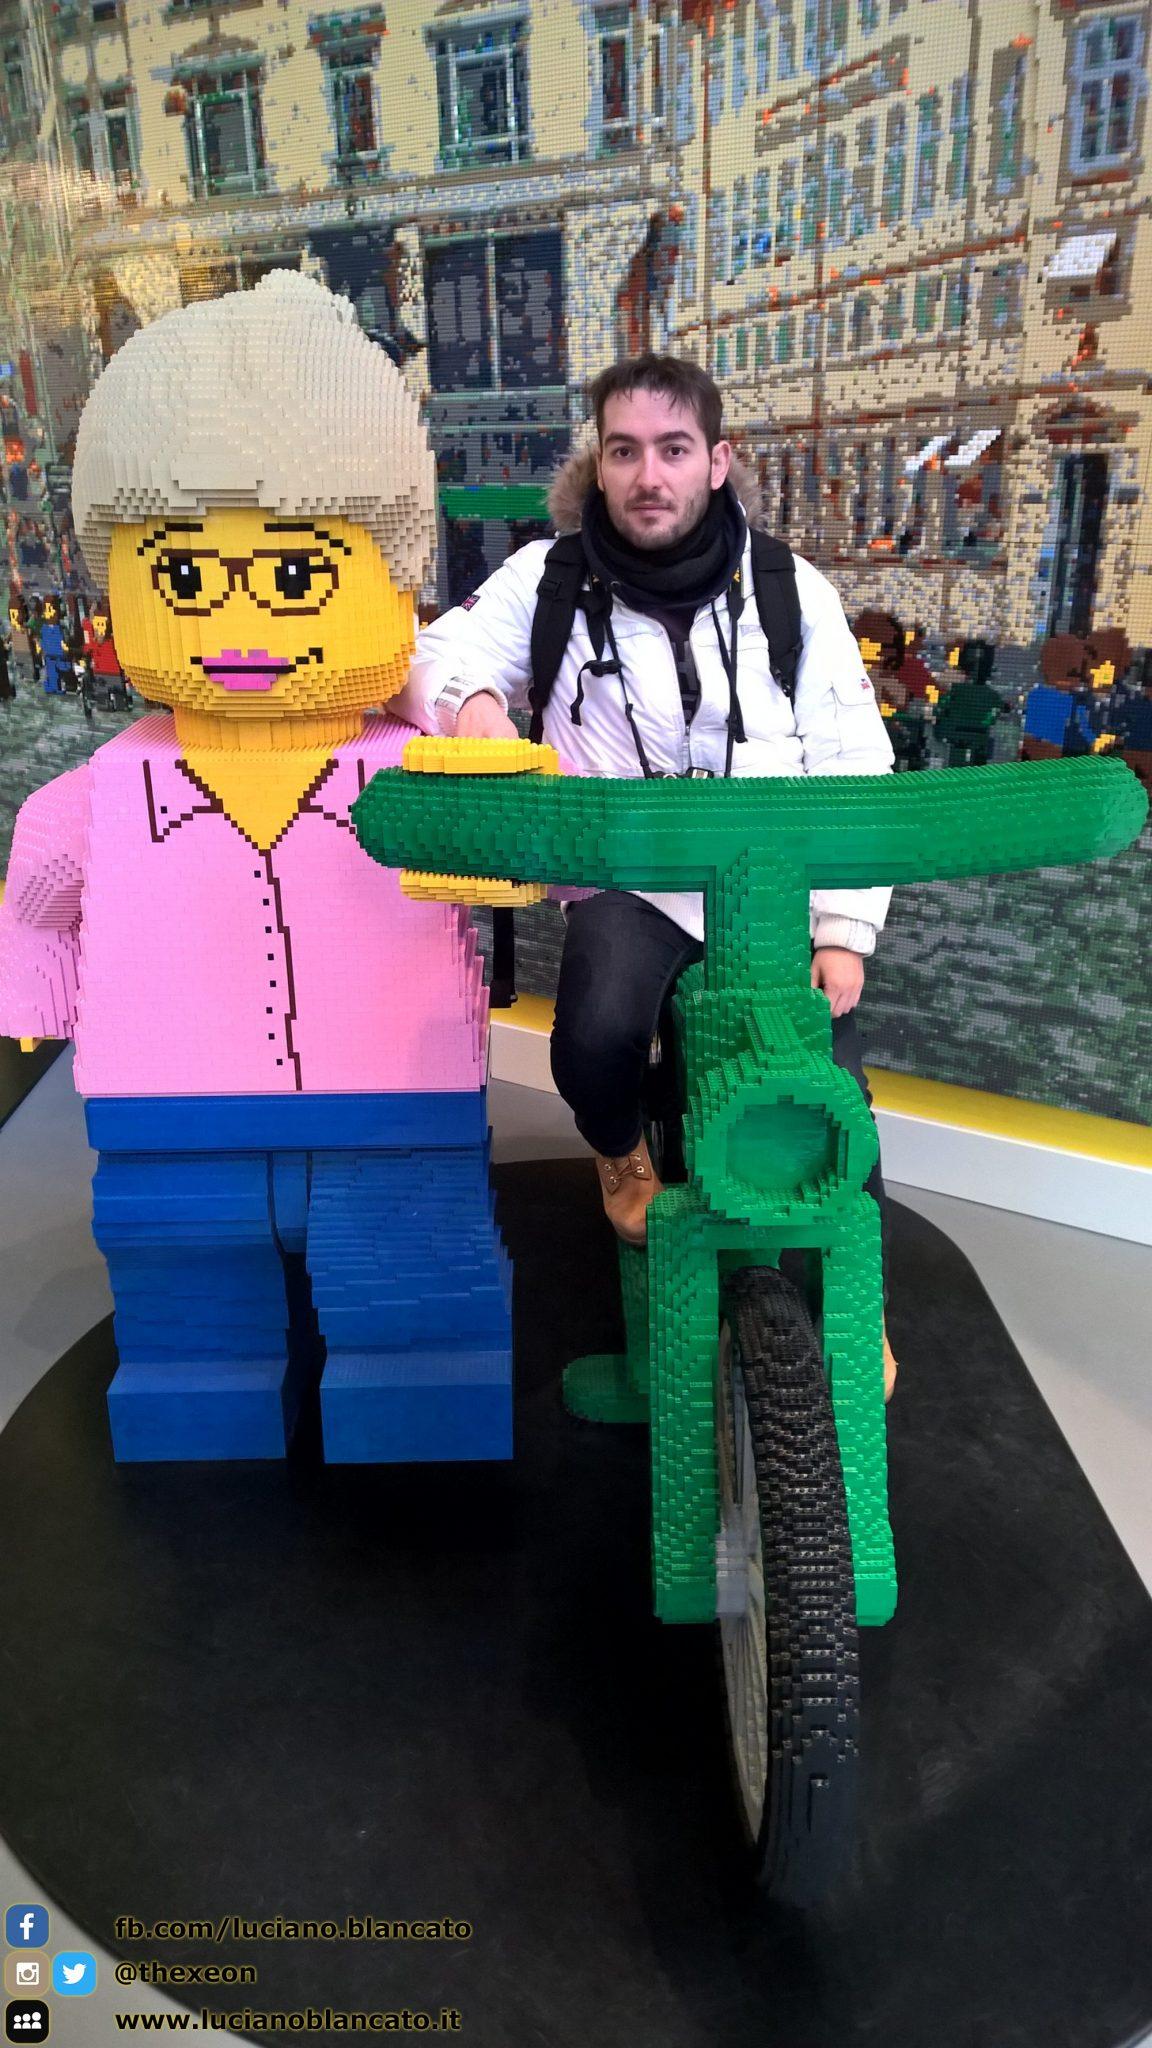 Al LEGO store di Copenaghen... contento come un bambino! - Danimarca